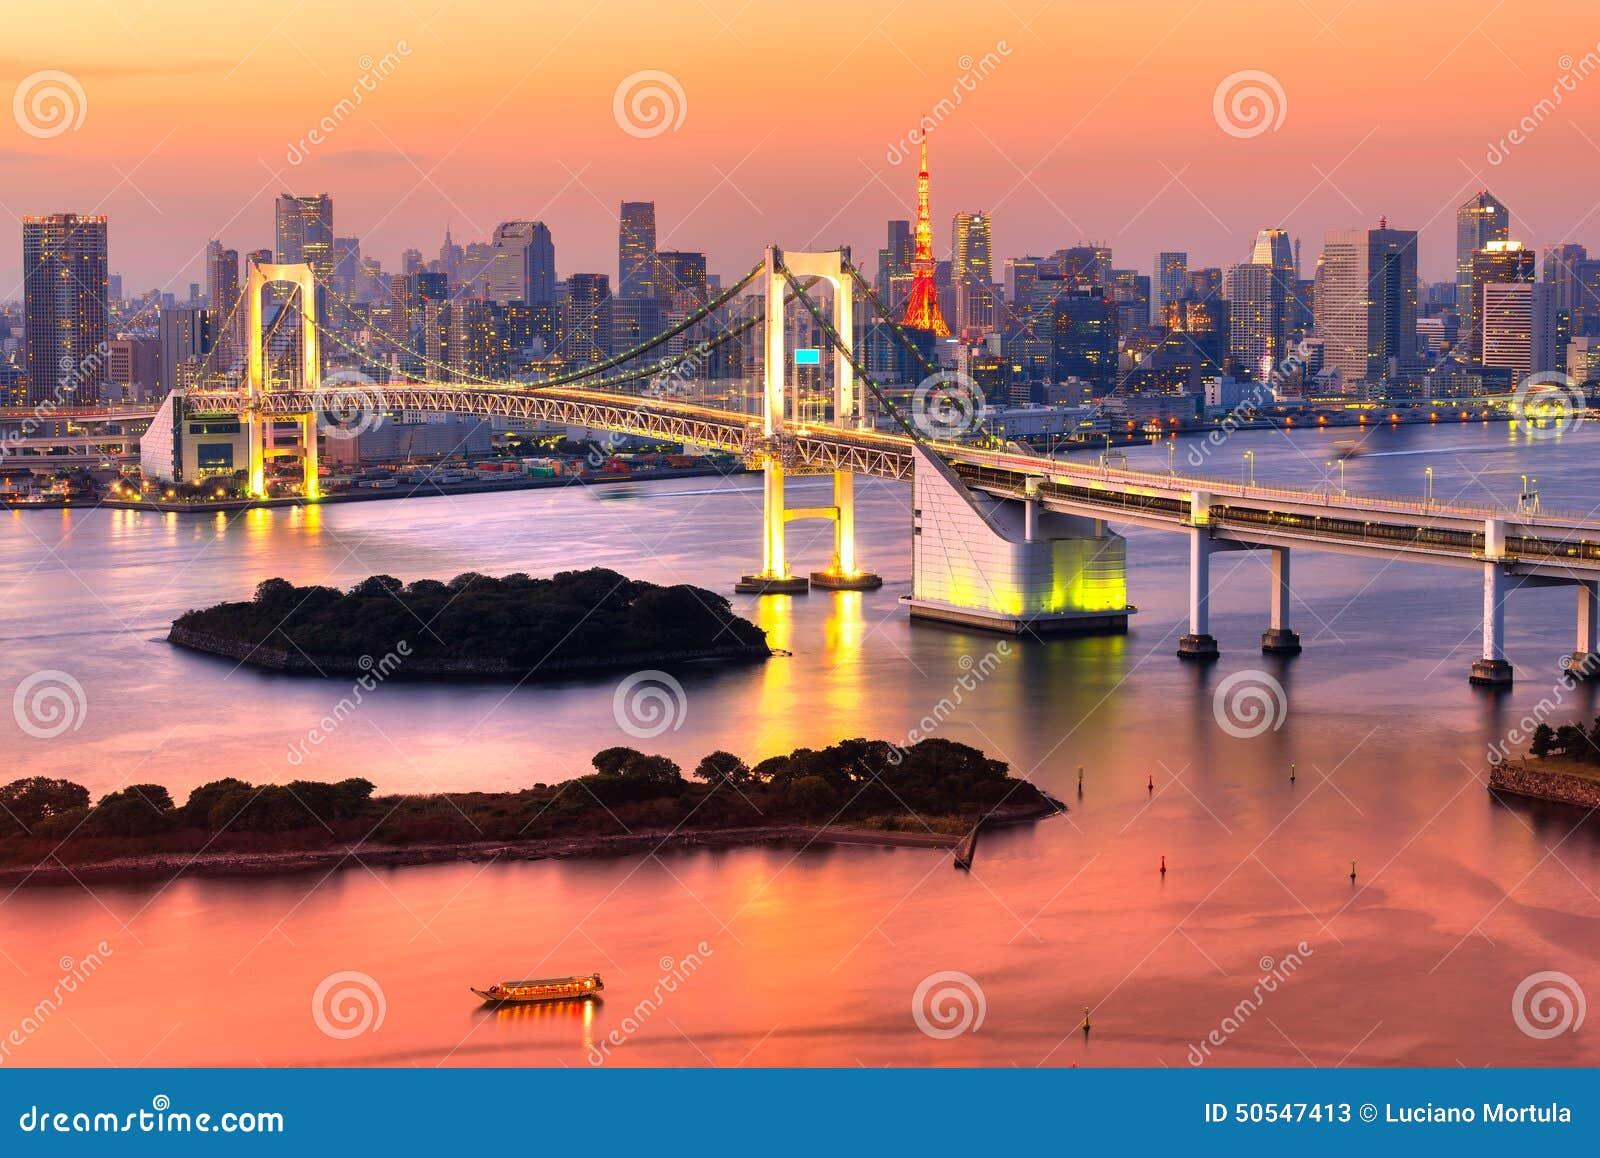 La tour en acier de Tokyo d élévation résidentielle moderne élevée en verre concrète du Japon de constructions de construction d